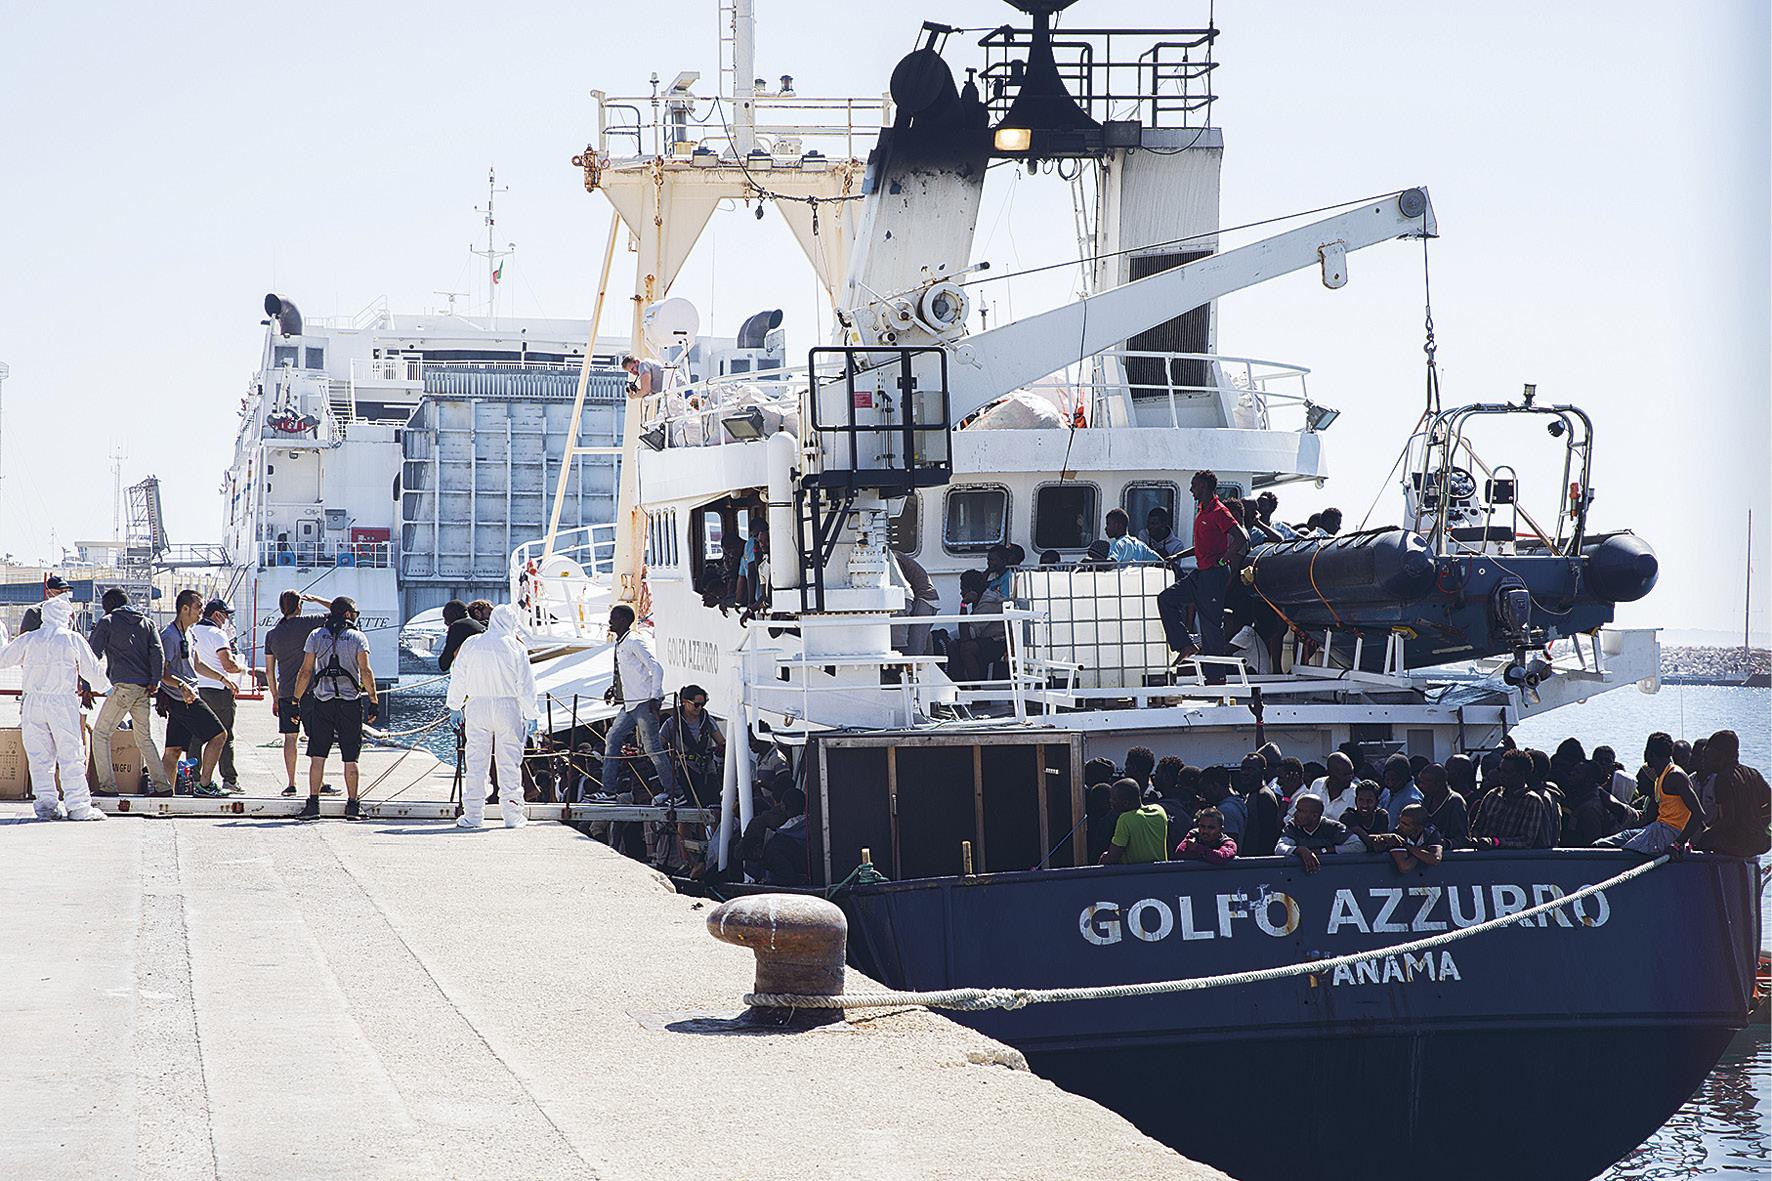 Välimerellä partioi sotilasalusten lisäksi kansalaisjärjestöjen pelastusaluksia. Kesäkuussa Pro Activa Open Arms -järjestön alus toi Pozzallon satamaan 682 ihmistä.